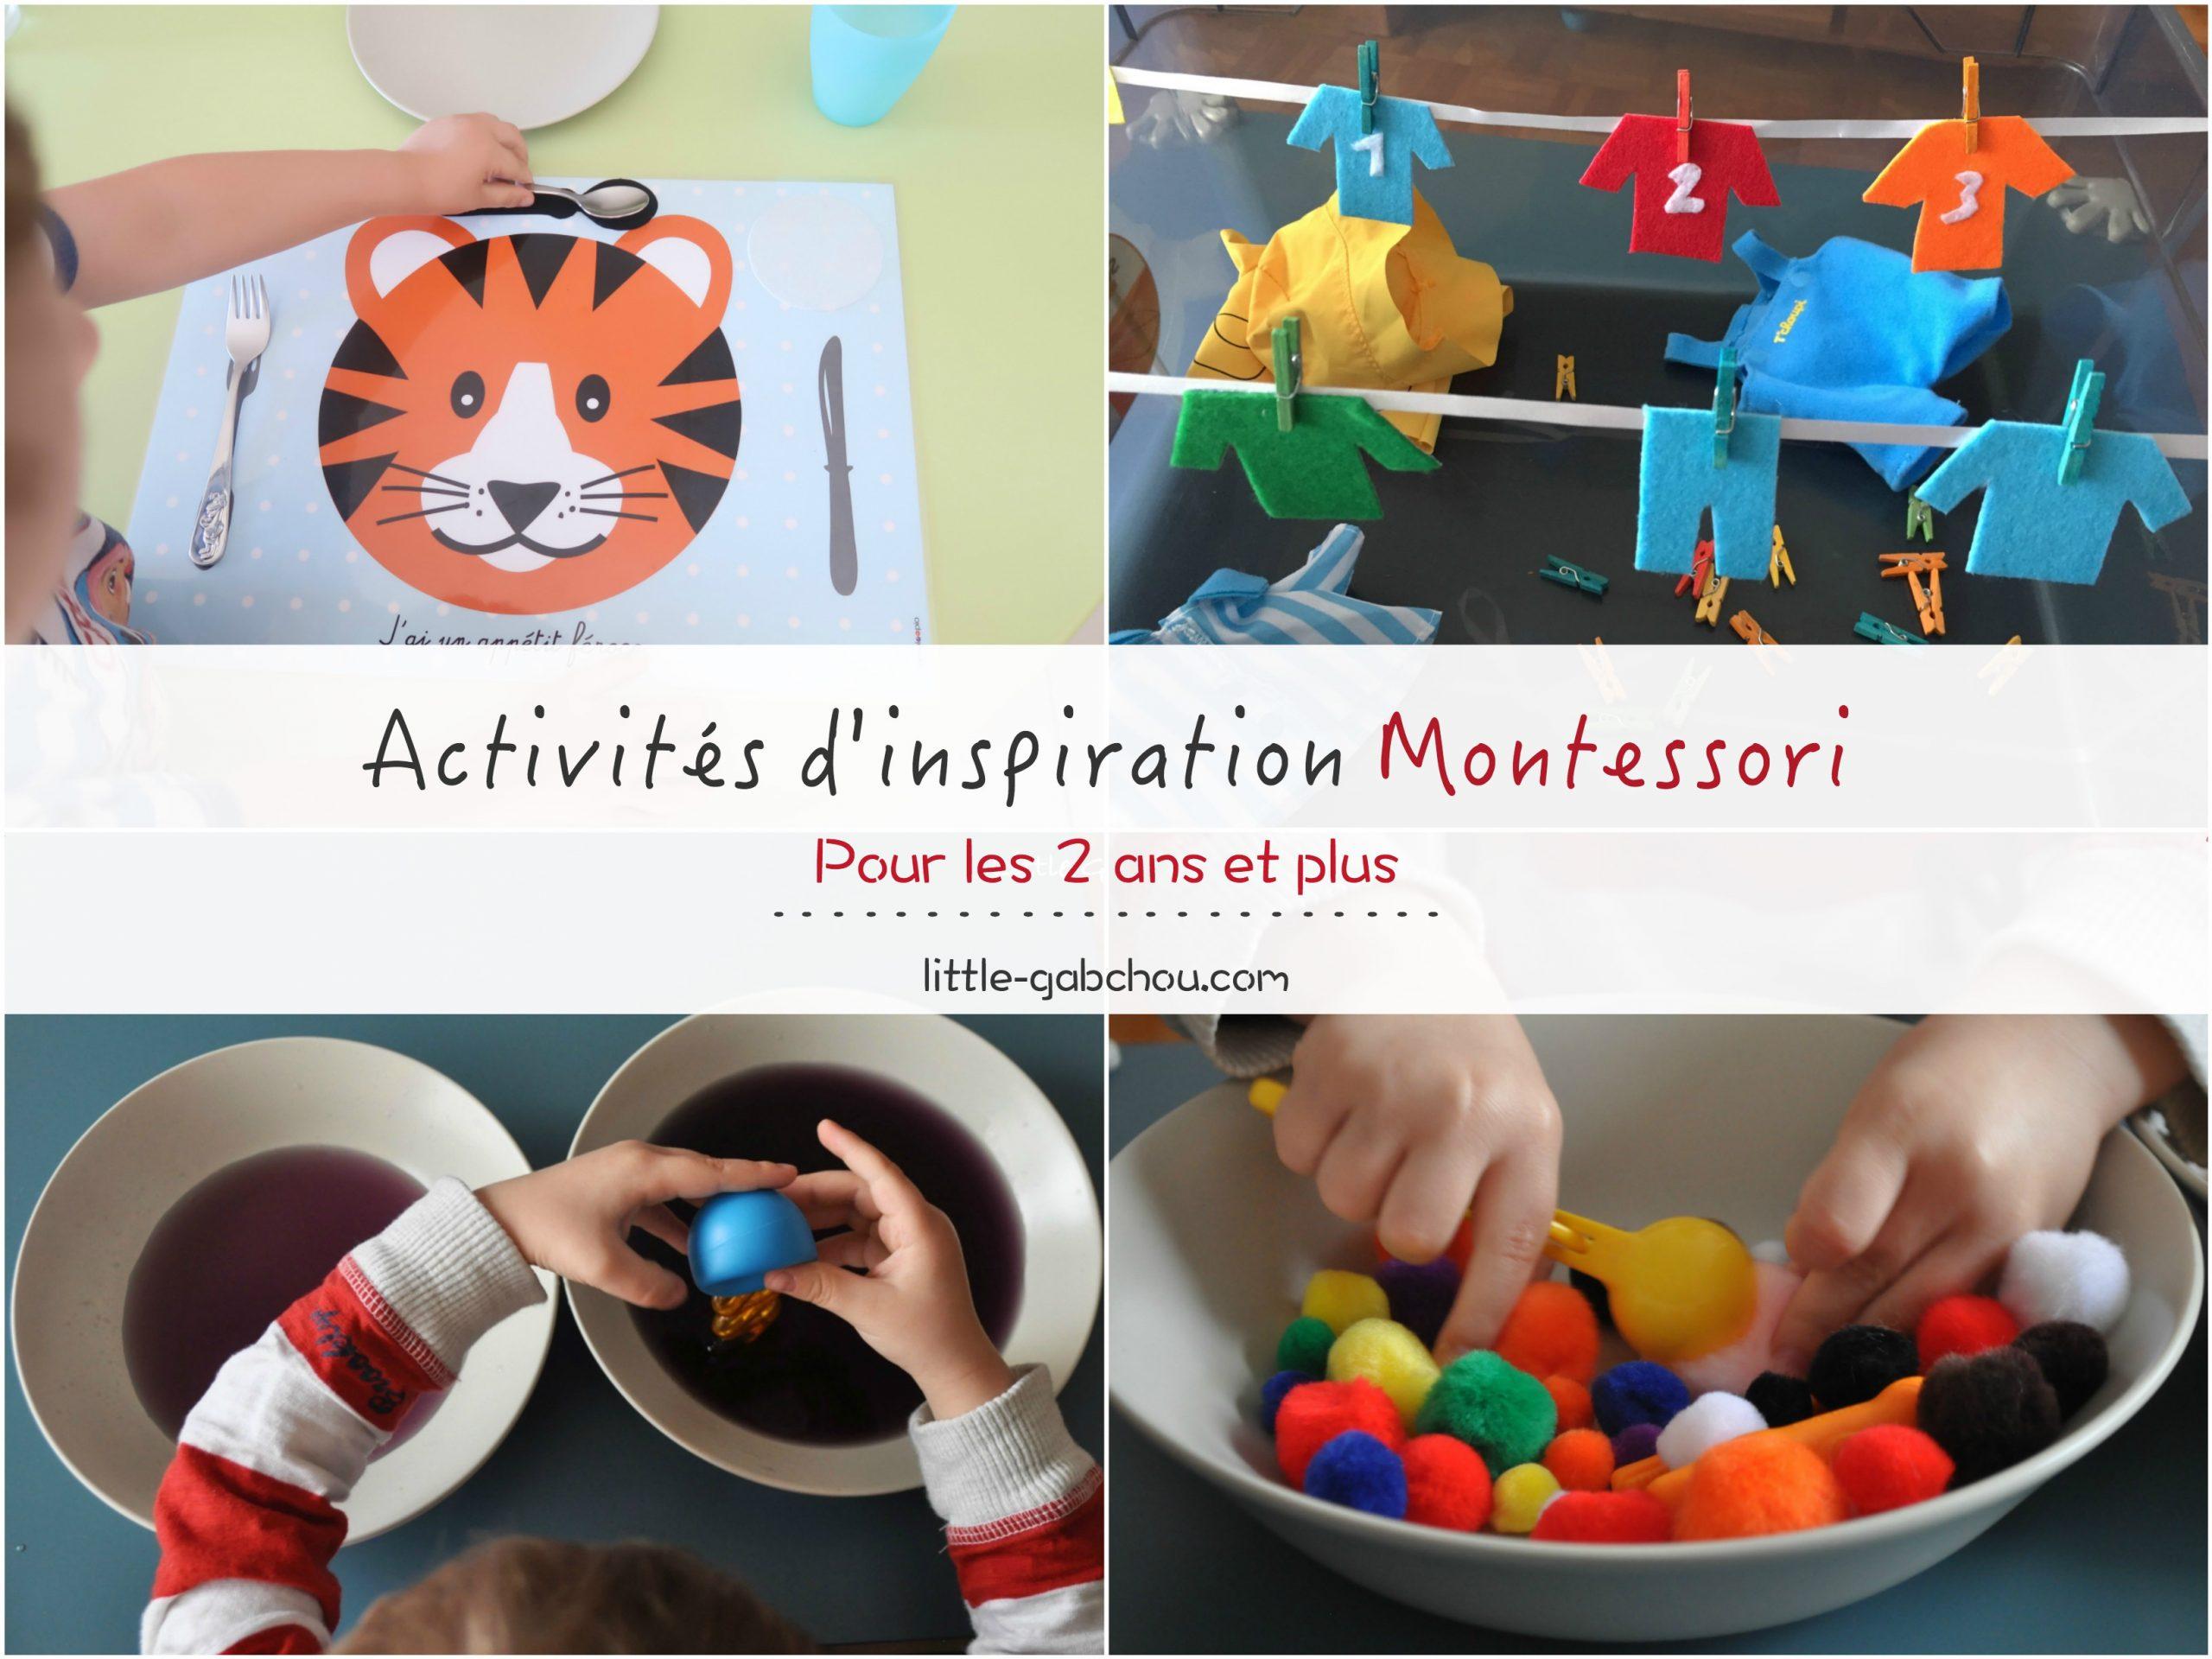 Nos Activités Préférées D'inspiration Montessori Pour Les 2 pour Jeux Enfant 3 Ans Gratuit